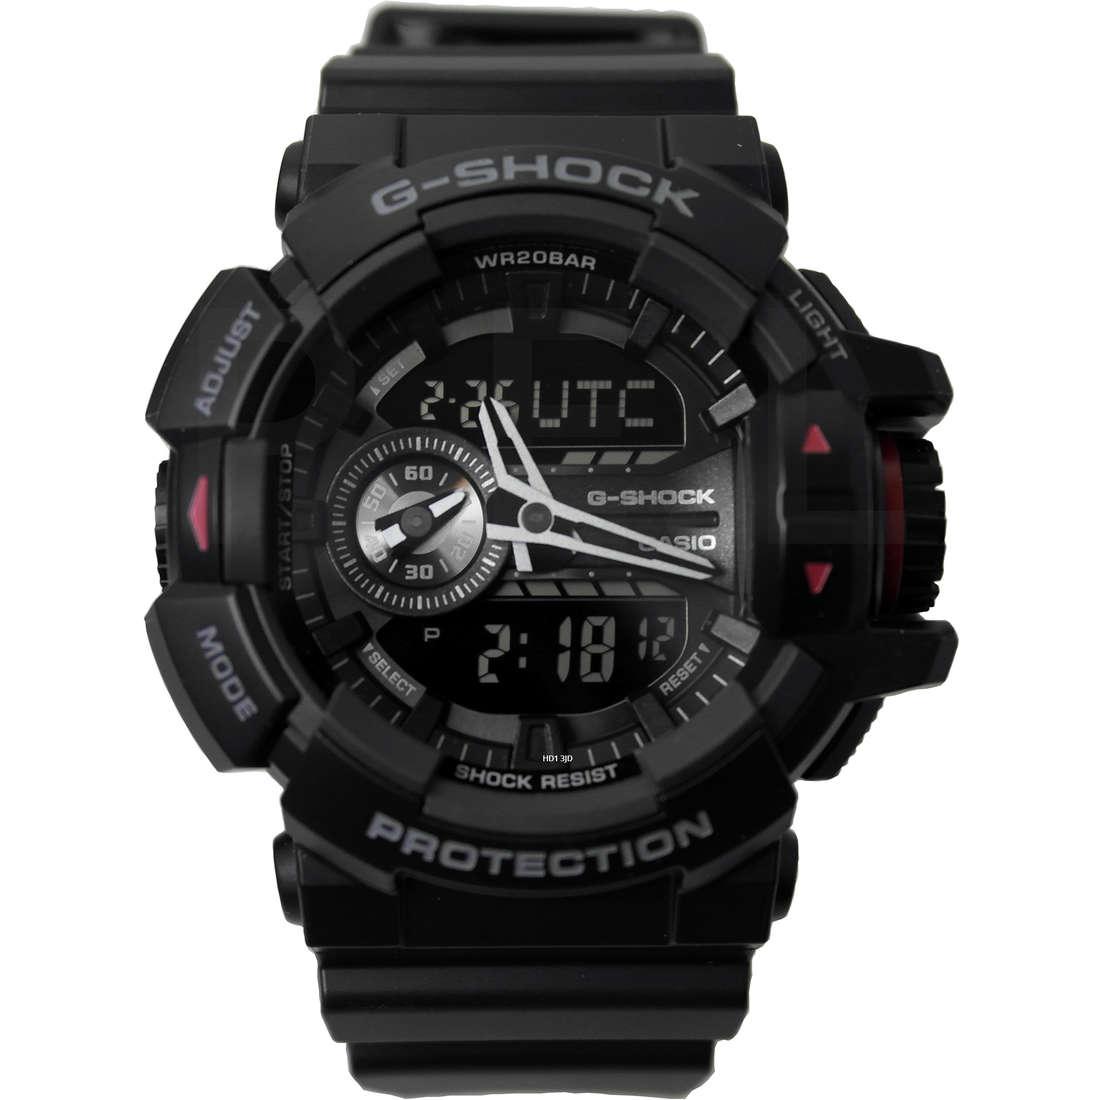 montre numérique homme Casio G-SHOCK GA-400-1BER